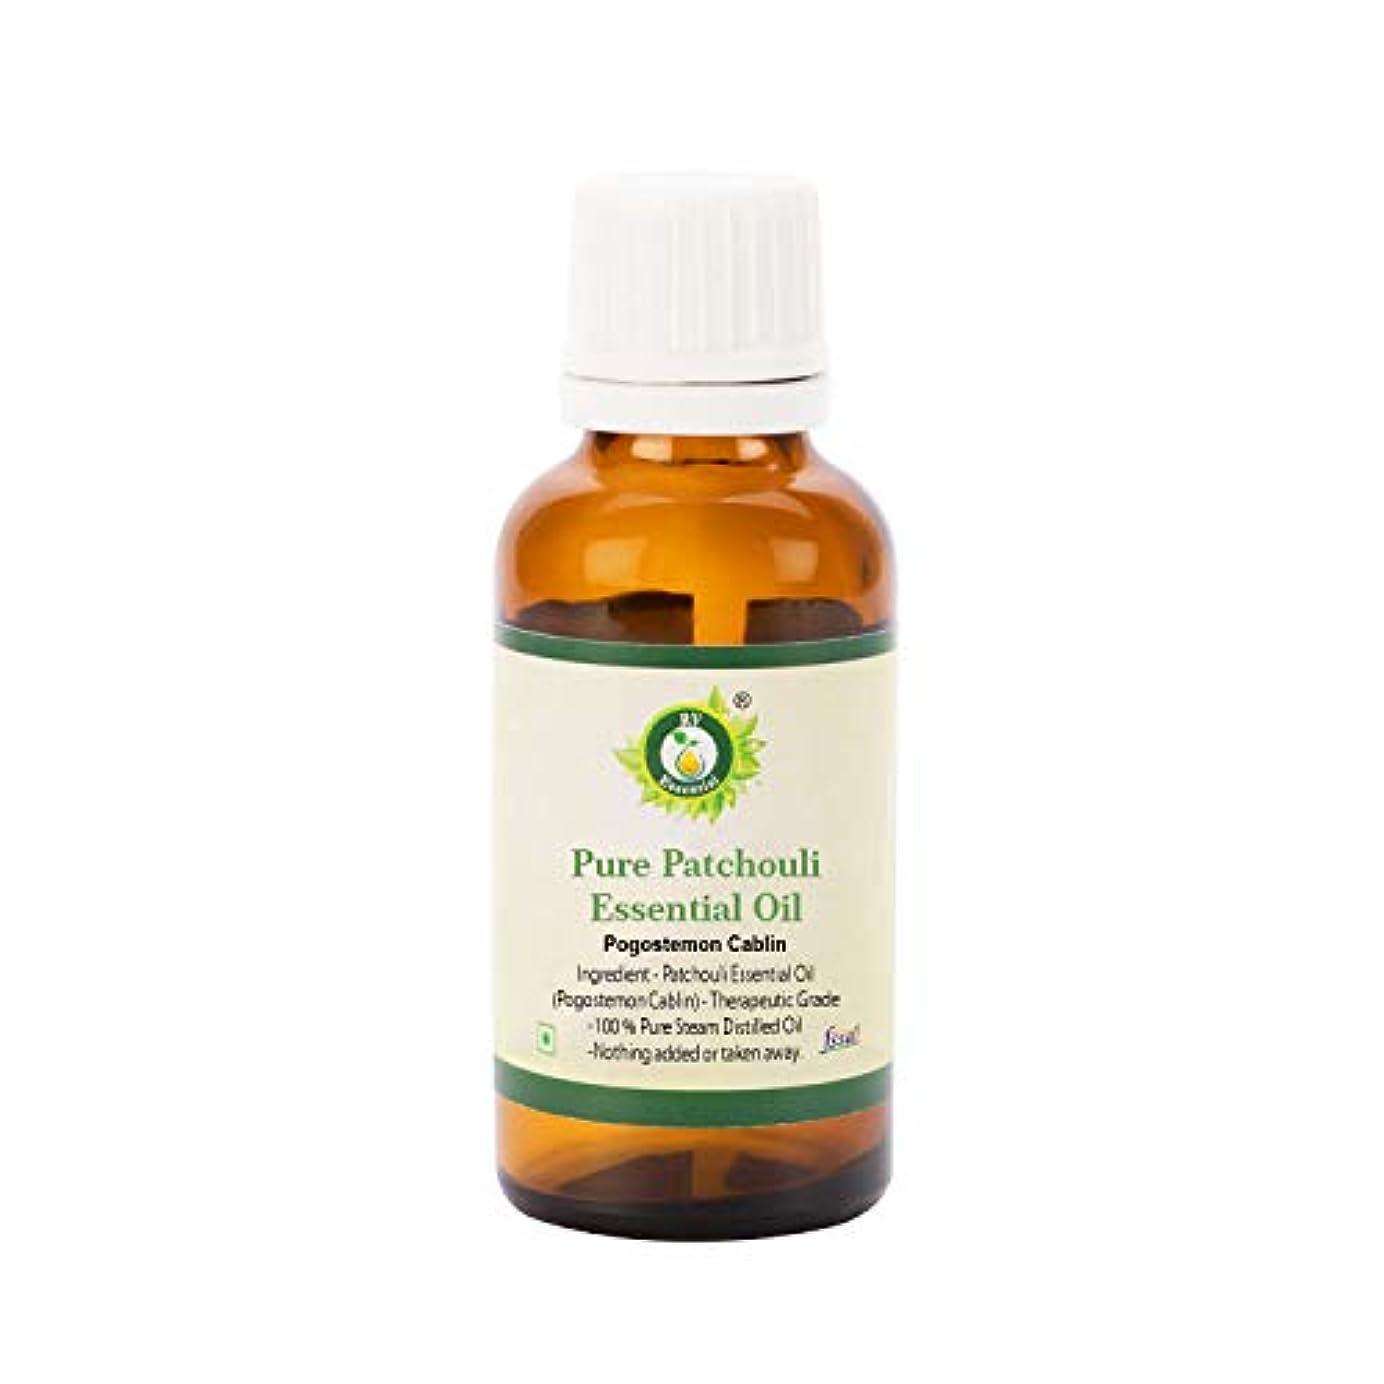 しなやかビートアーサーコナンドイルR V Essential ピュアパチュリーエッセンシャルオイル30ml (1.01oz)- Pogostemon Cablin (100%純粋&天然スチームDistilled) Pure Patchouli Essential...